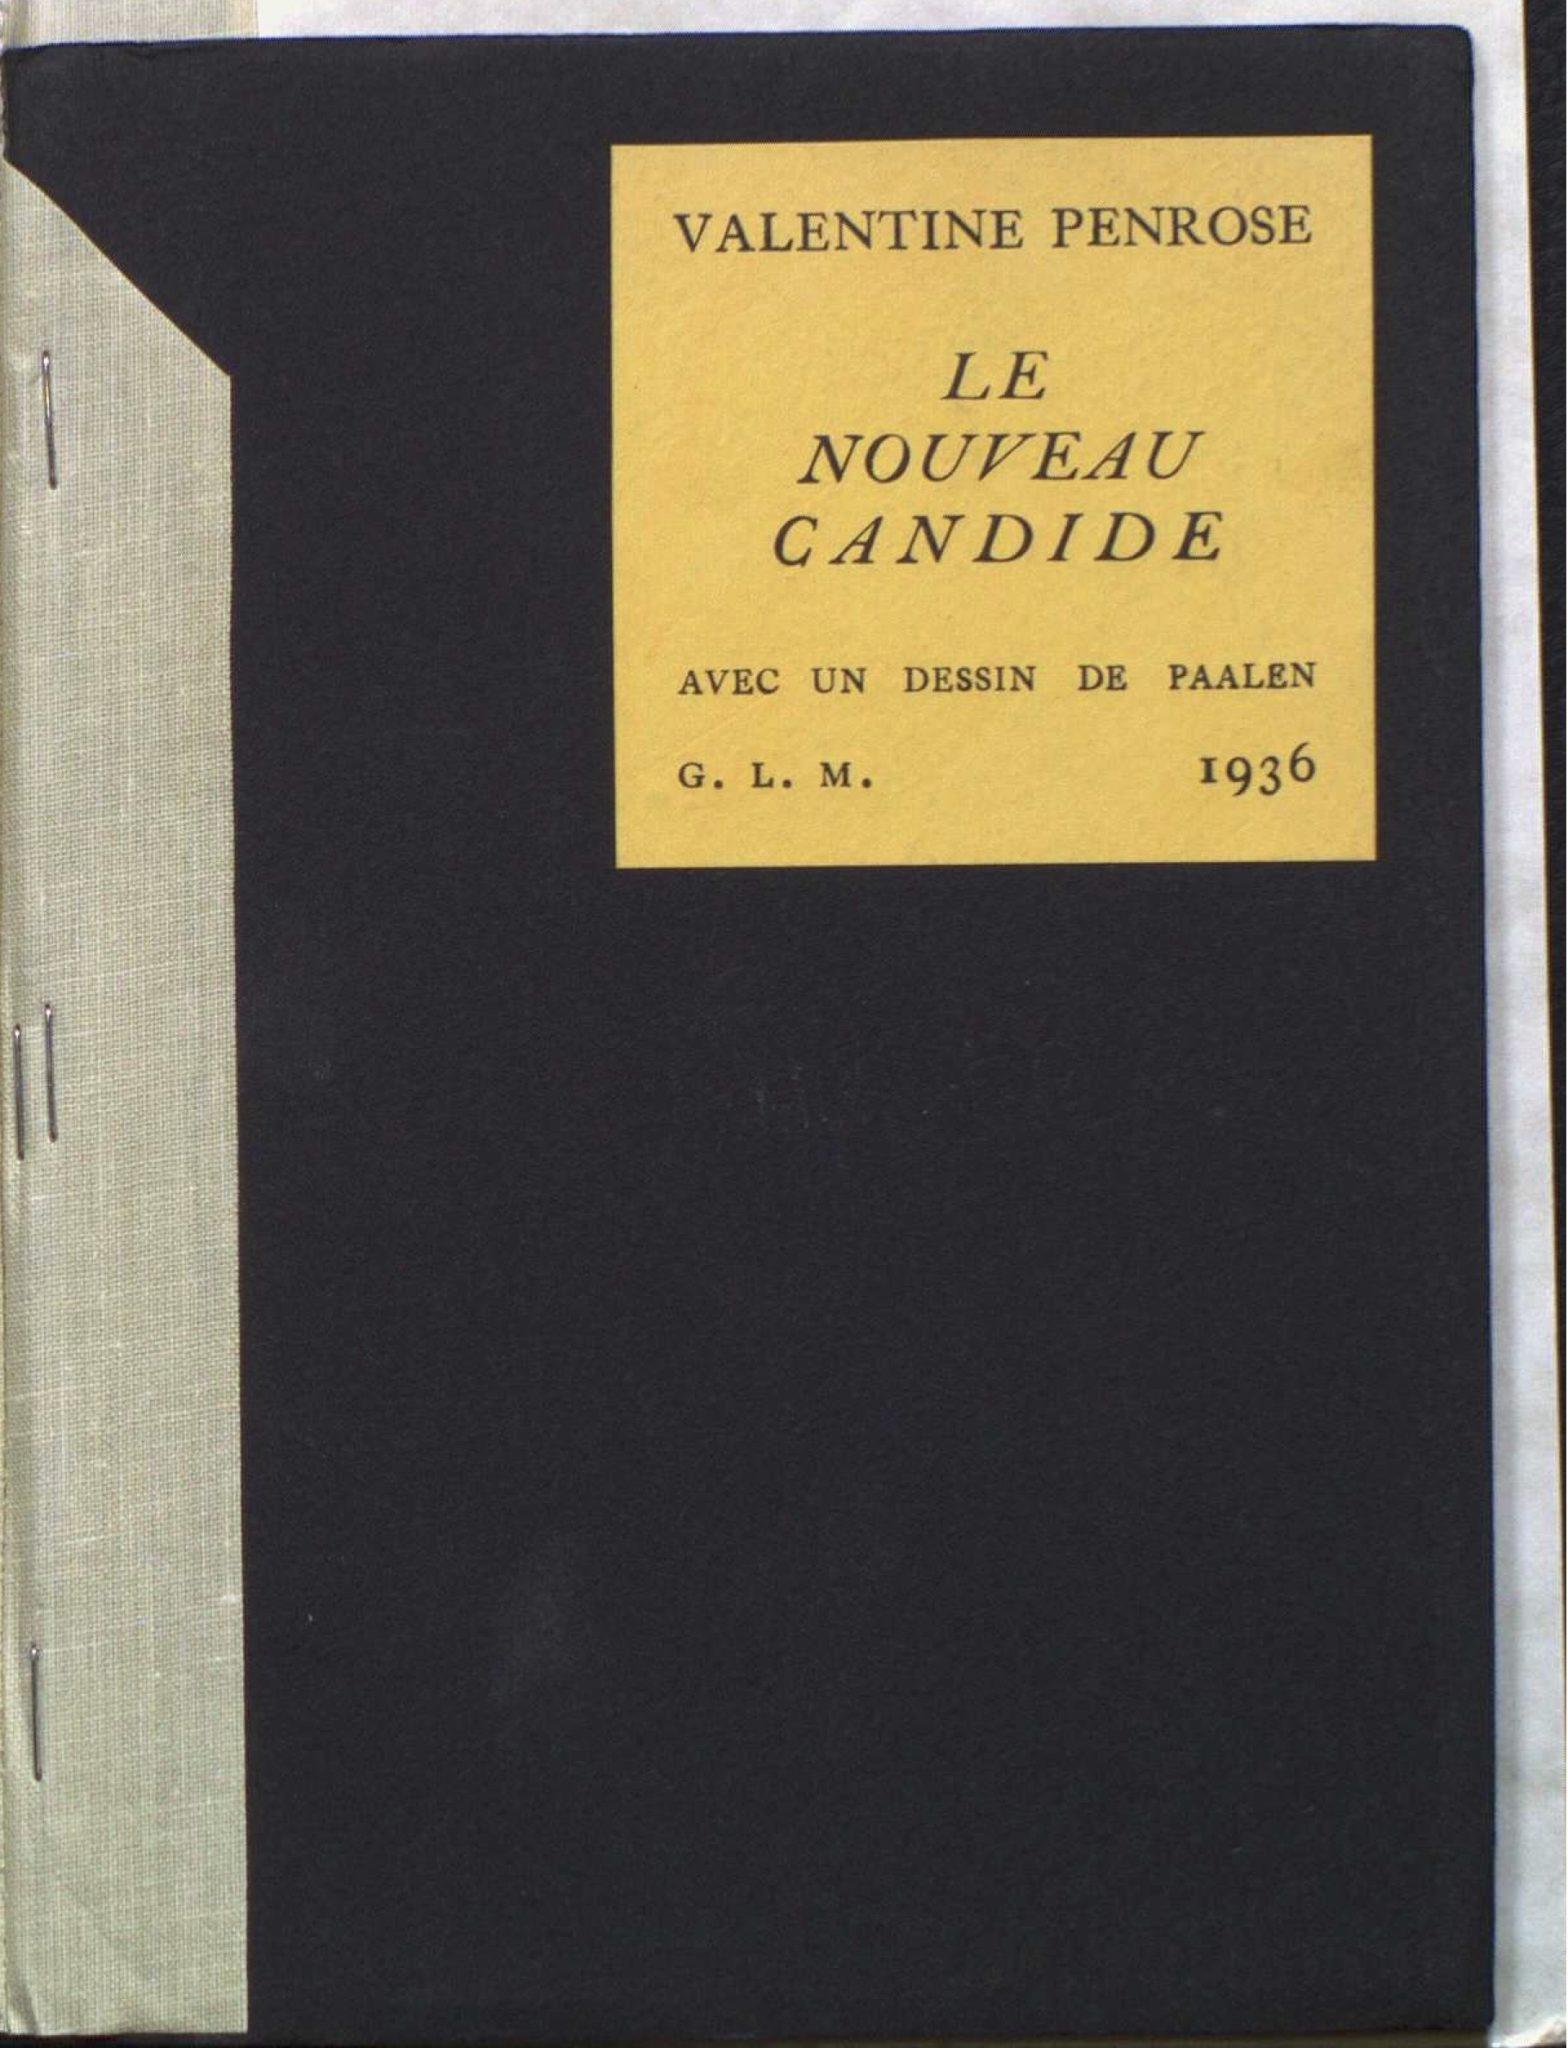 Valentine Penrose, <br /><em>LeNouveauCandide</em>, 1936